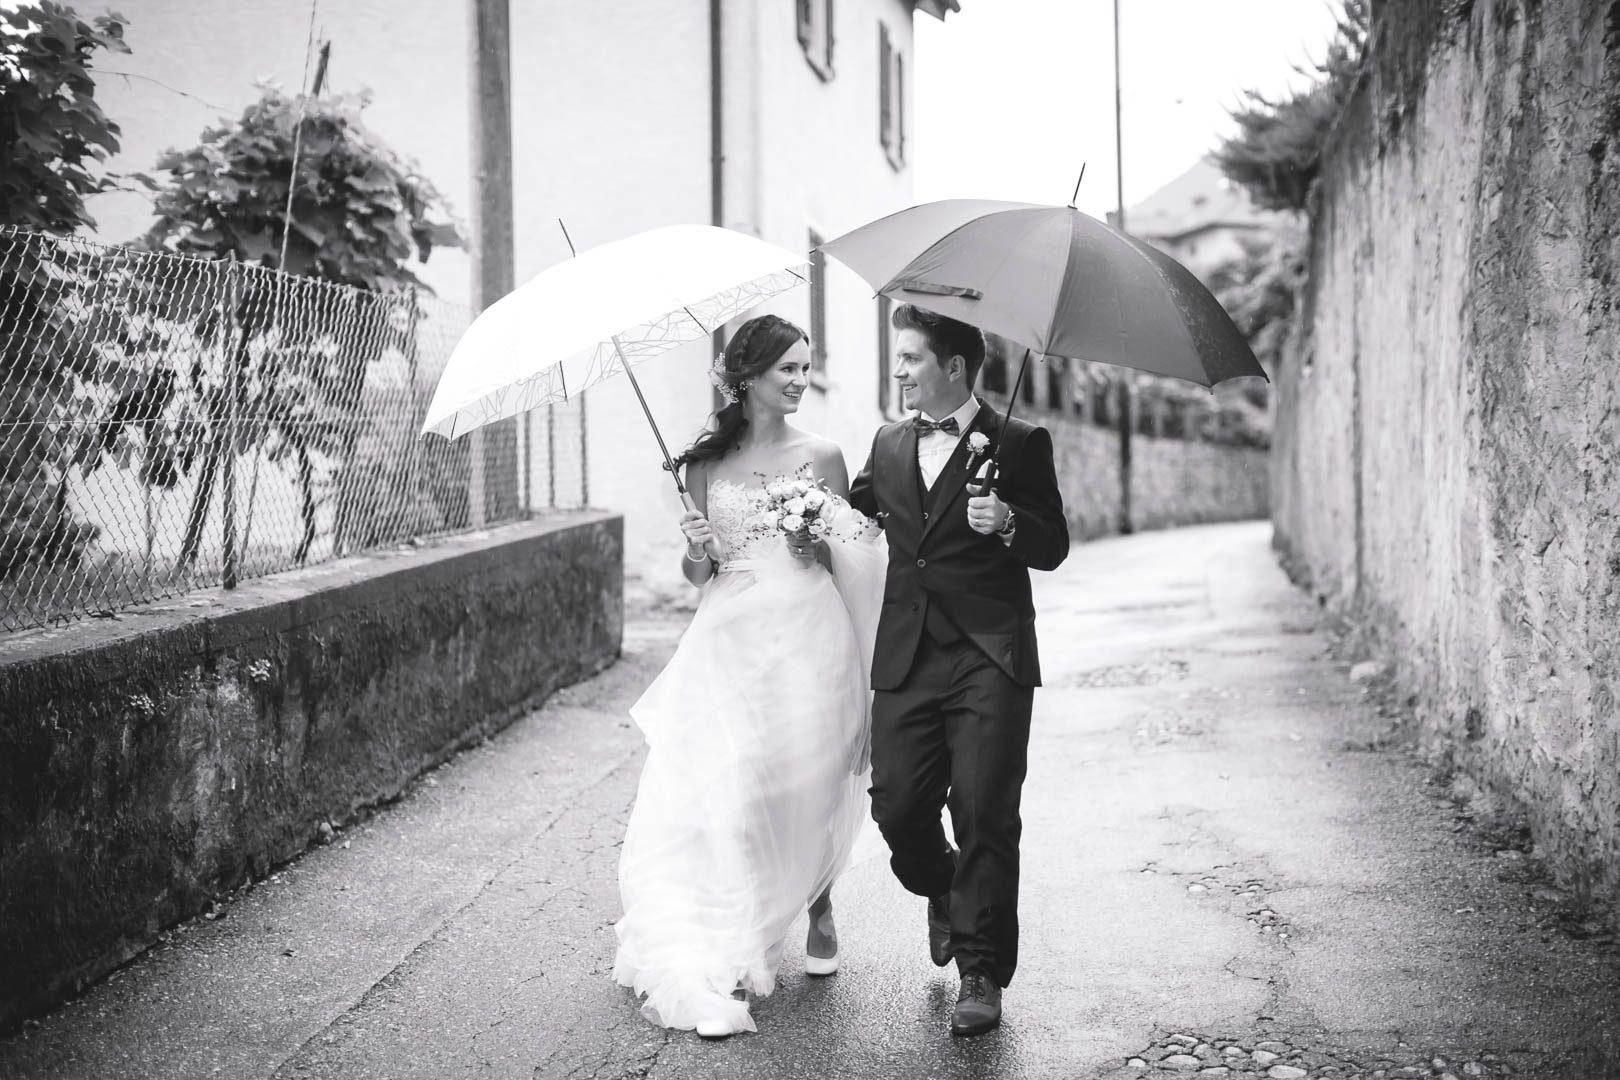 Hochzeit Tessin regen Fotoshooting mit Regenschirmen